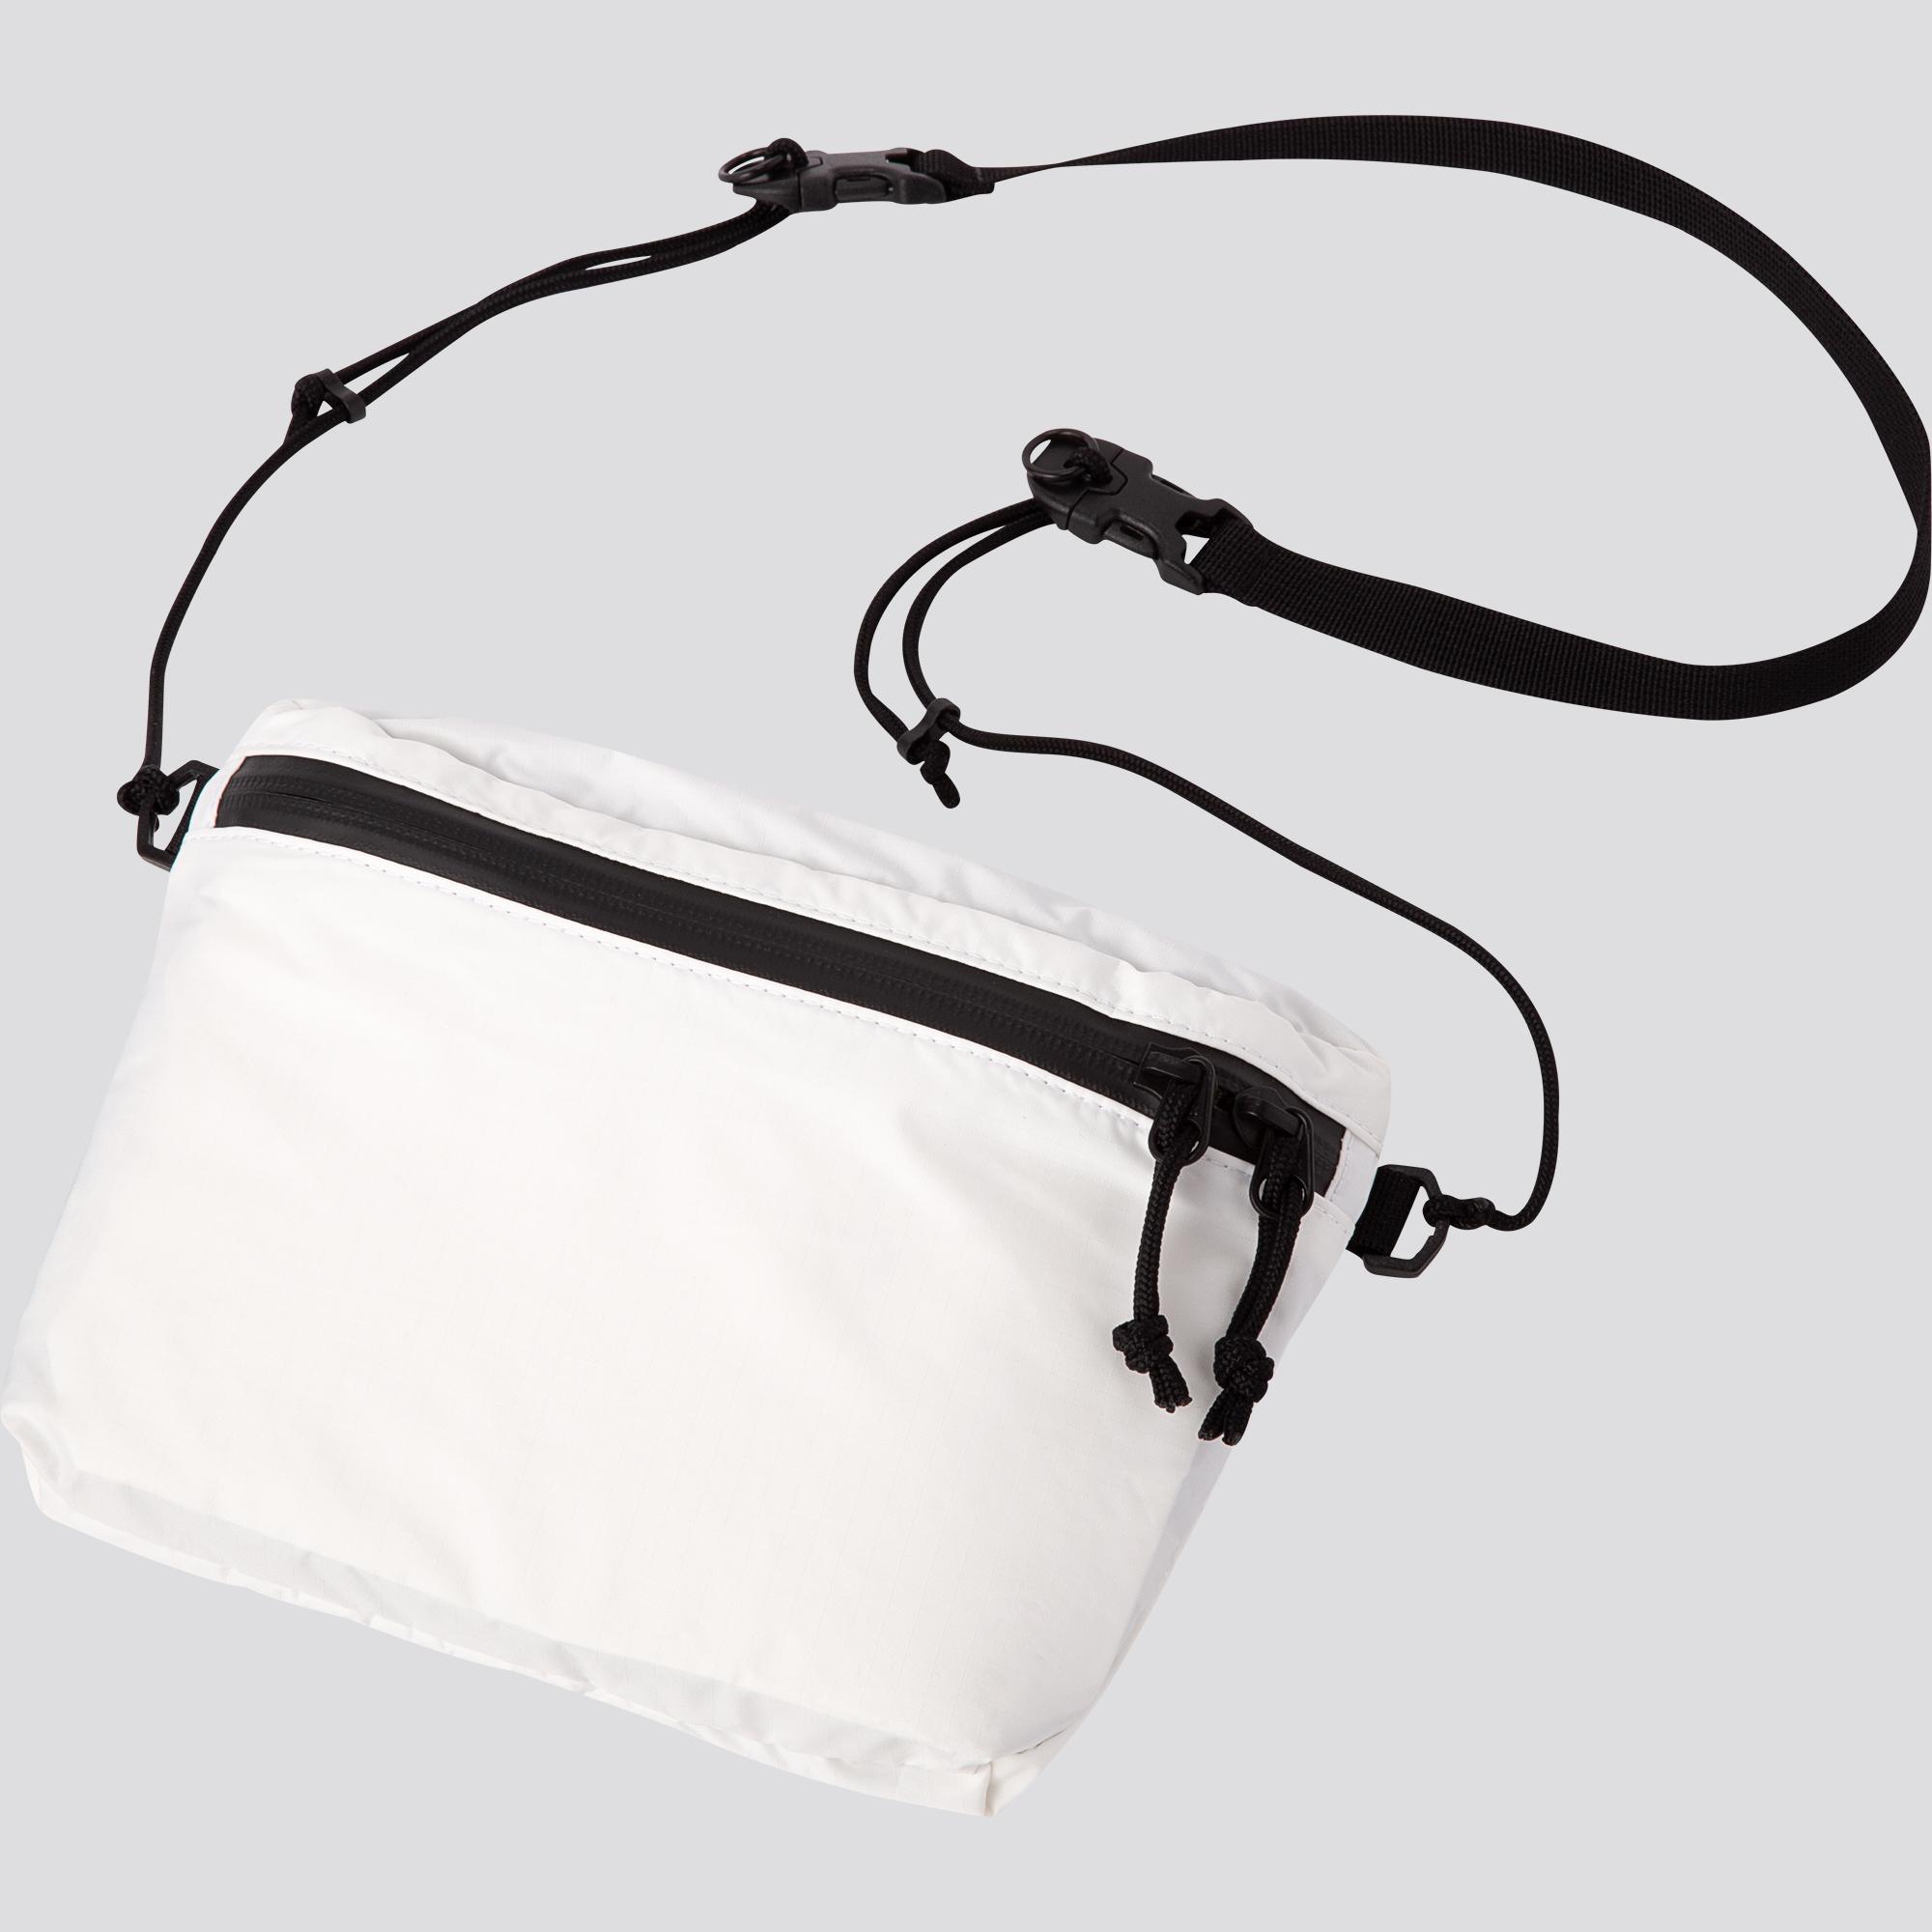 túi đeo hông uniqlo màu trắng dây đeo màu đen